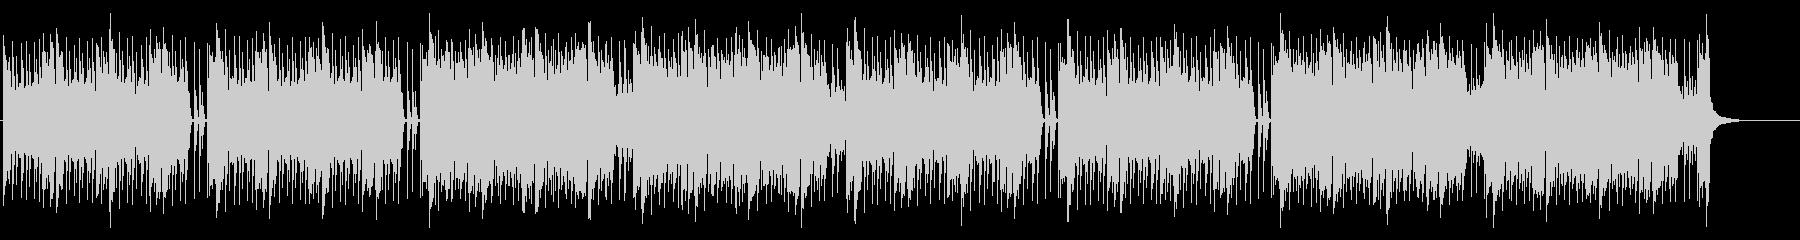 緊張感のあるEDM調バトル曲(長めの未再生の波形